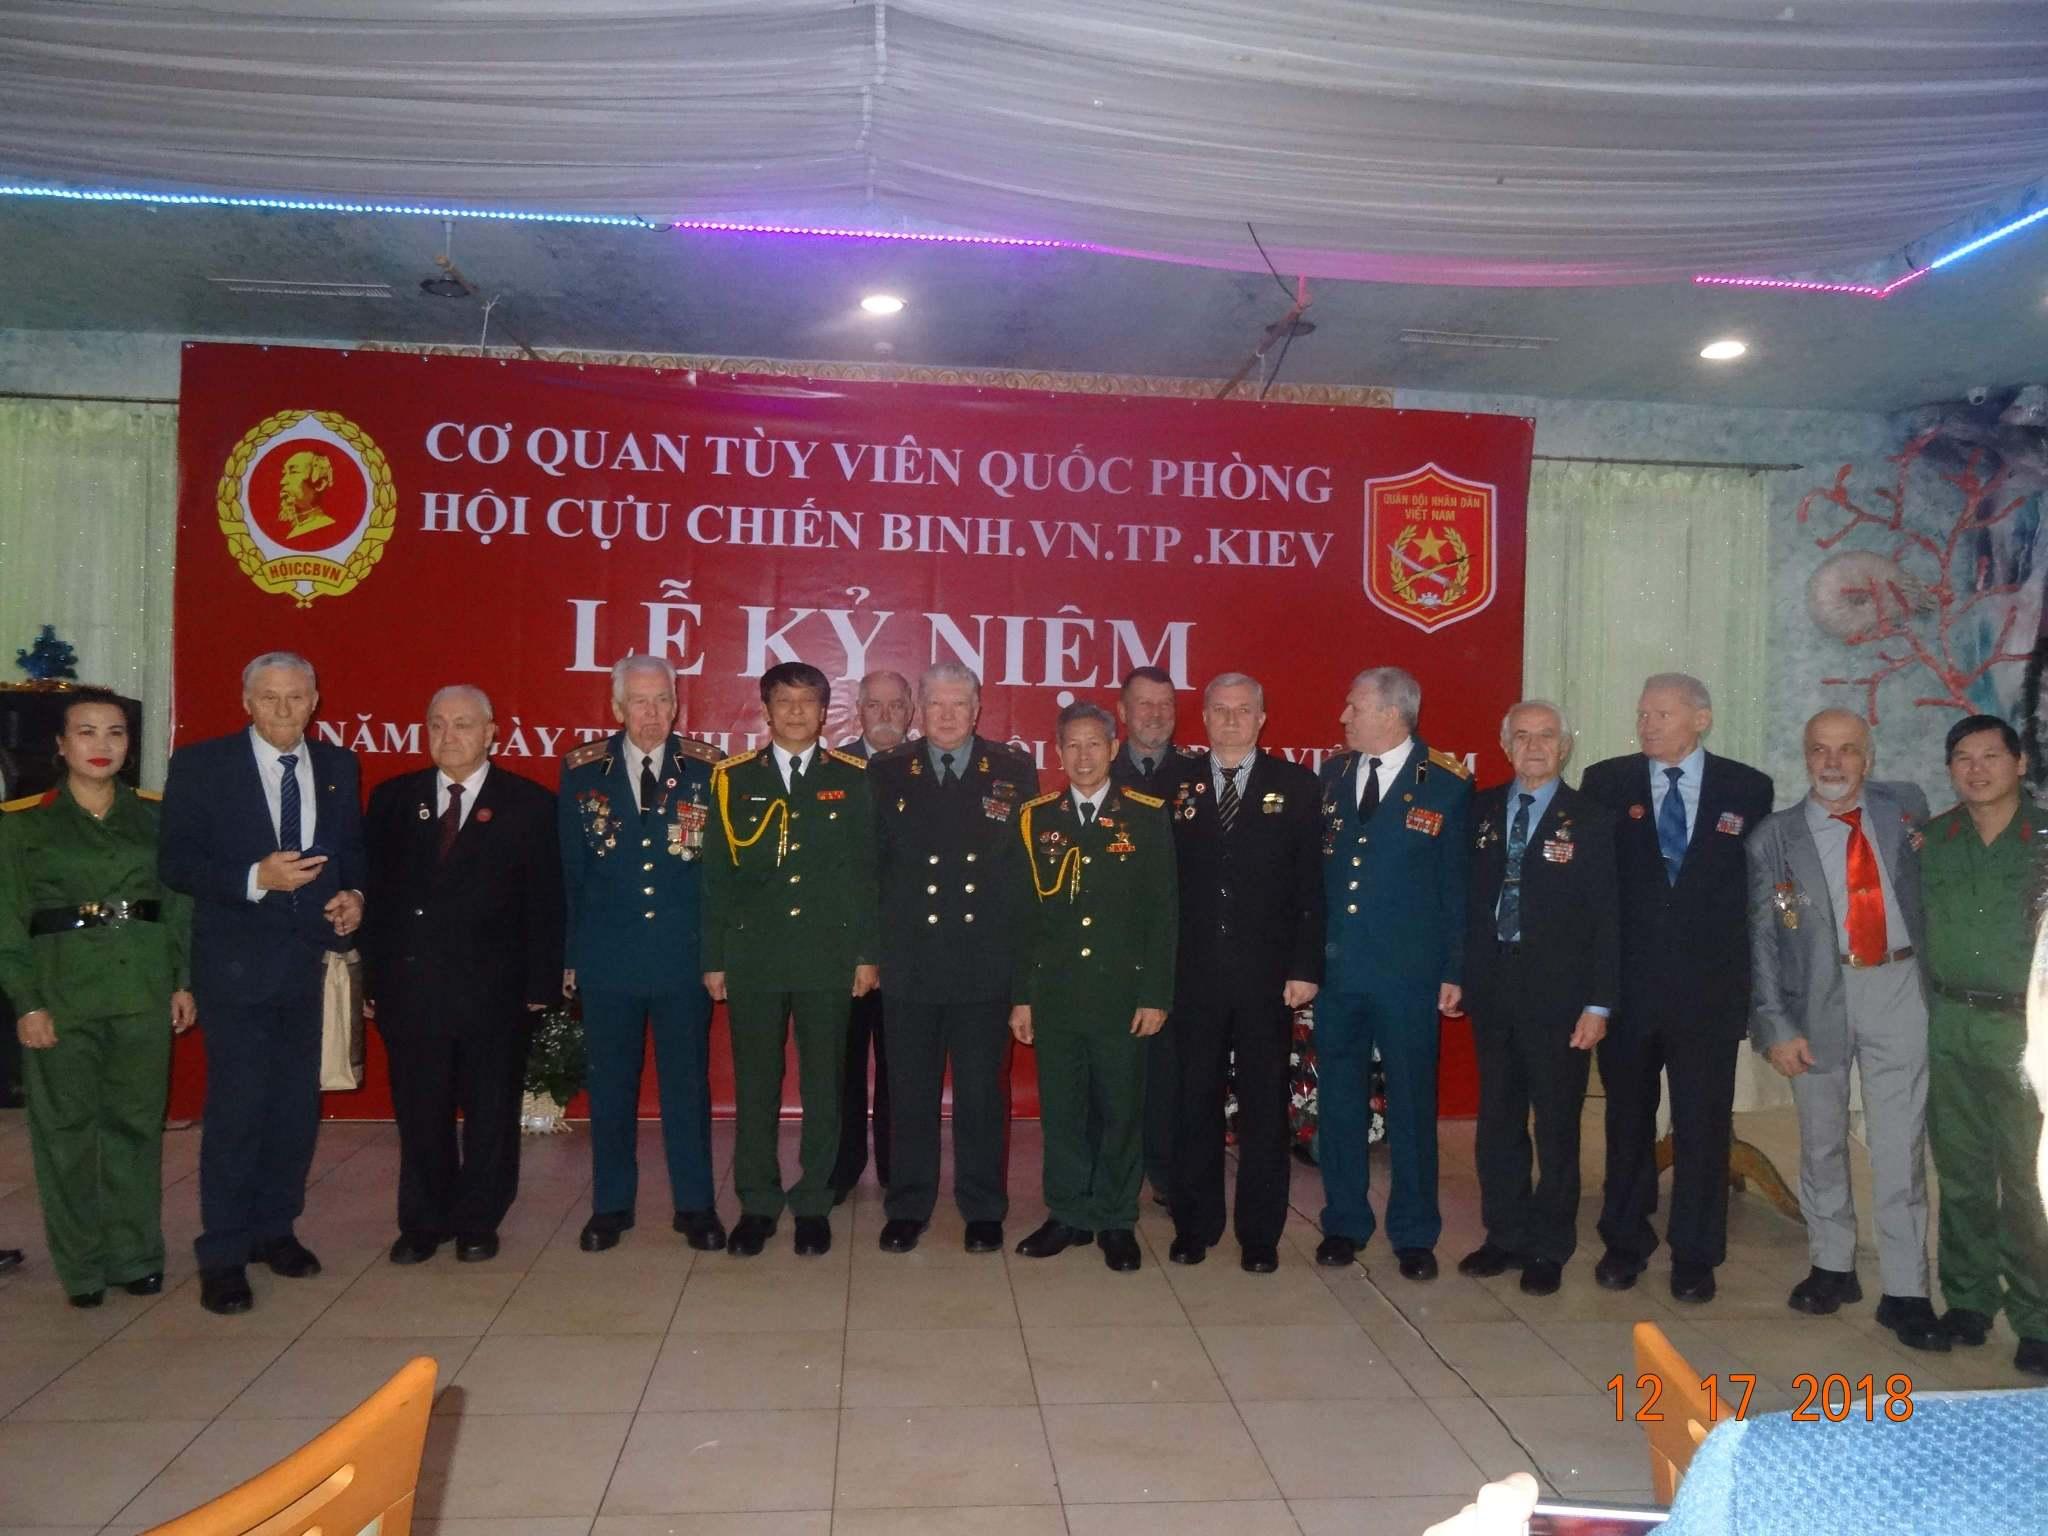 Kiev: Lễ kỷ niệm 74 năm ngày thành lập quân đội nhân dân Việt Nam và 29 năm ngày quốc phòng toàn dân